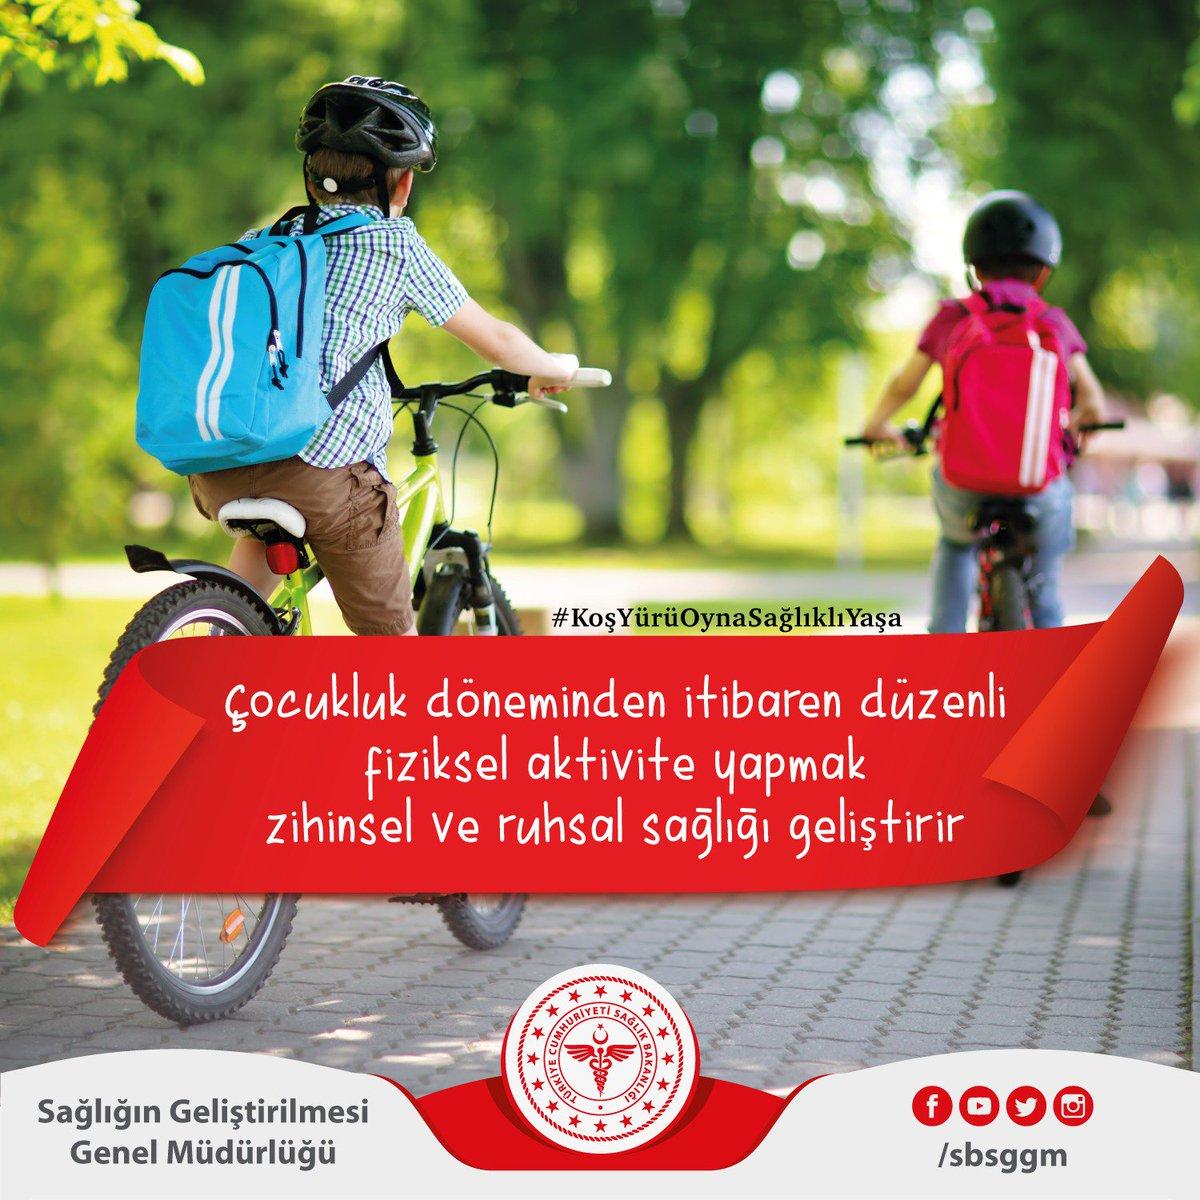 Çocukluk döneminden itibaren düzenli fiziksel aktivite yapmak zihinsel ve ruhsal sağlığı geliştirir. Harekete çocuklukta başla, sağlıklı yaşa. #KoşYürüOynaSağlıklıYaşa